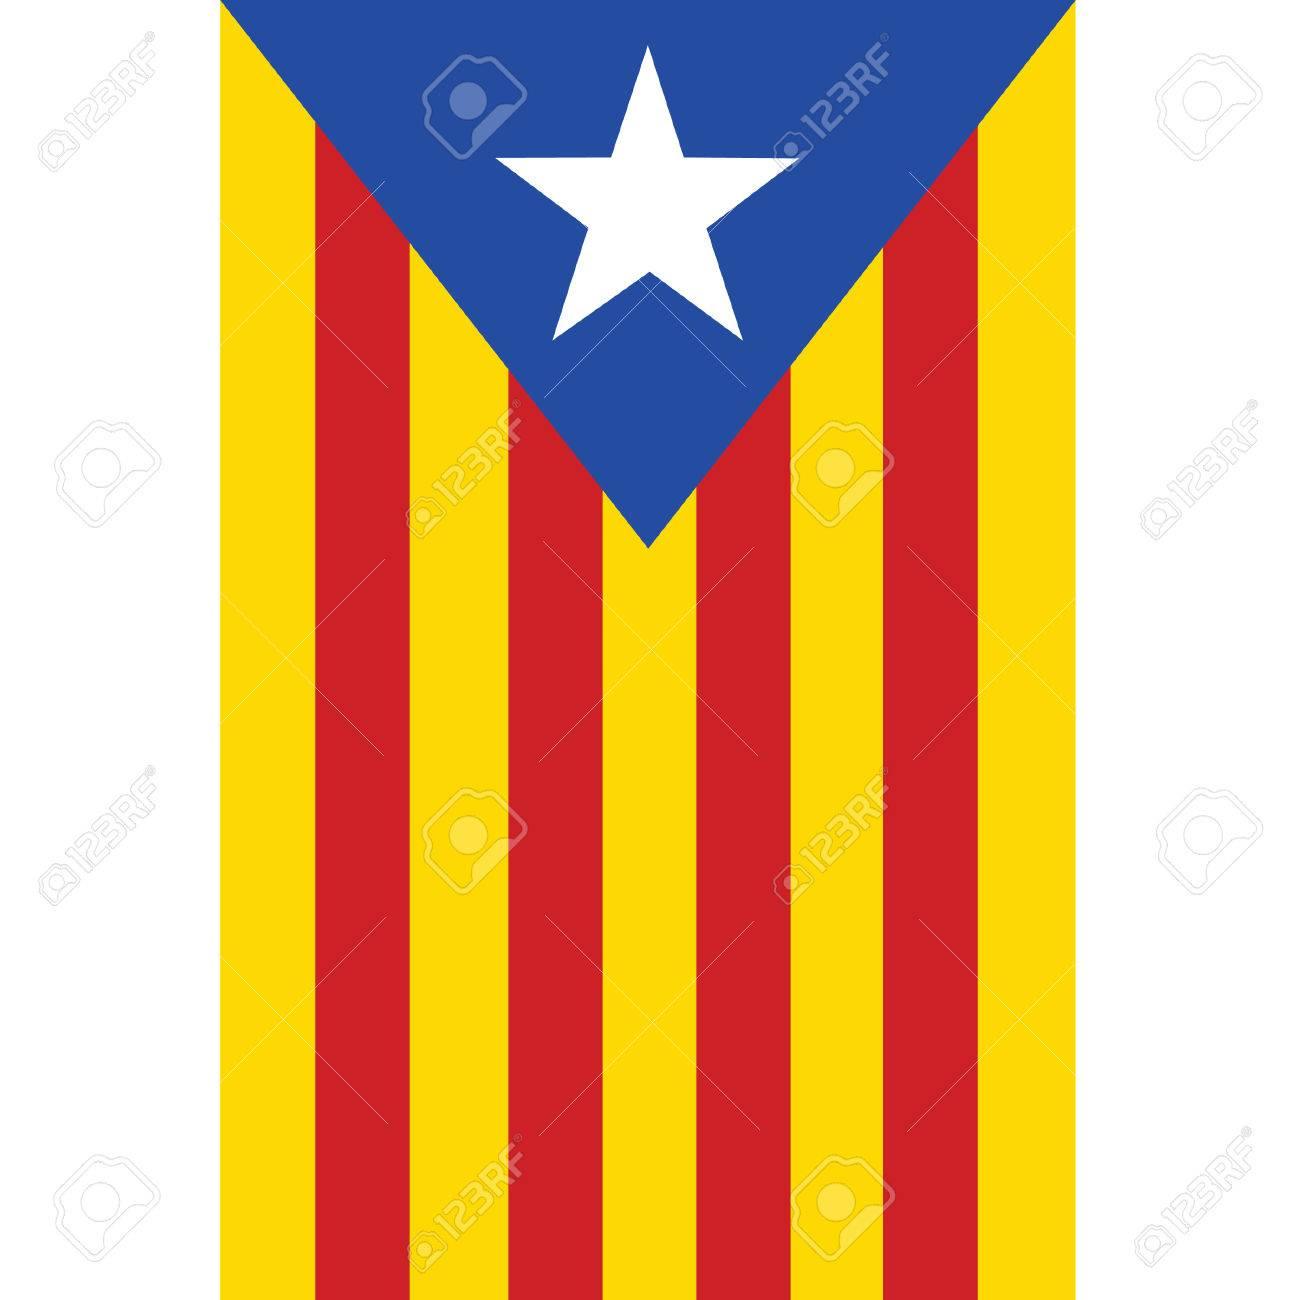 Que bandera es amarillo azul y rojo